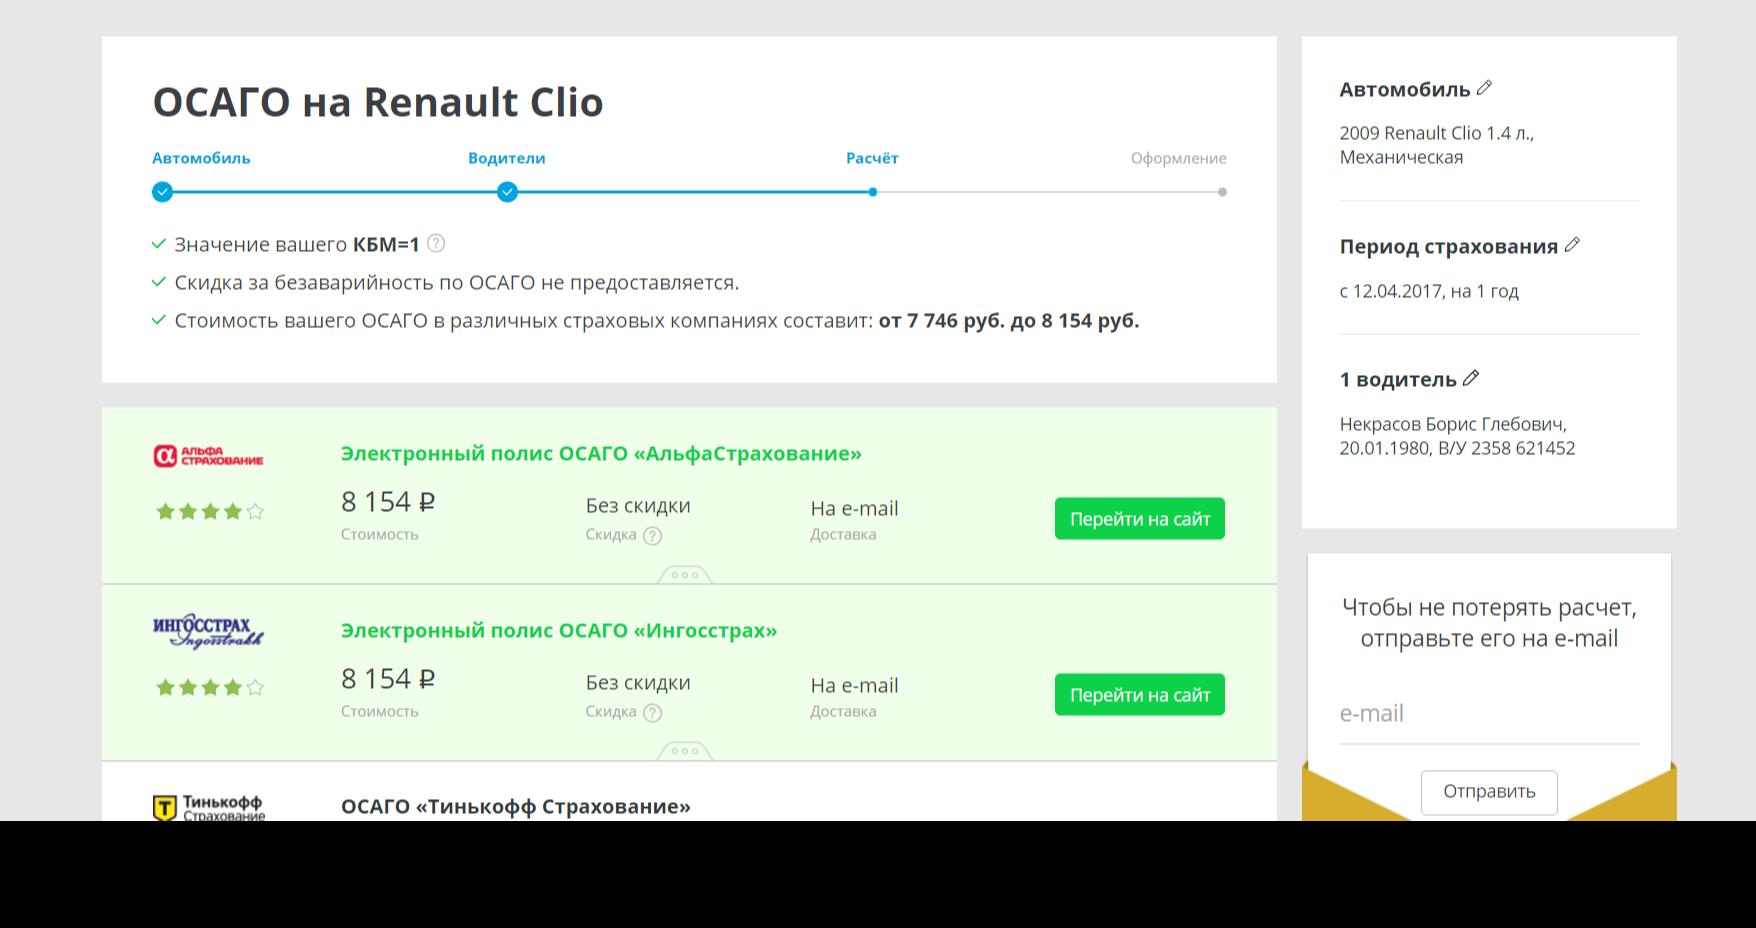 оформление осаго через сайт сравни.ру выбор страховой компании